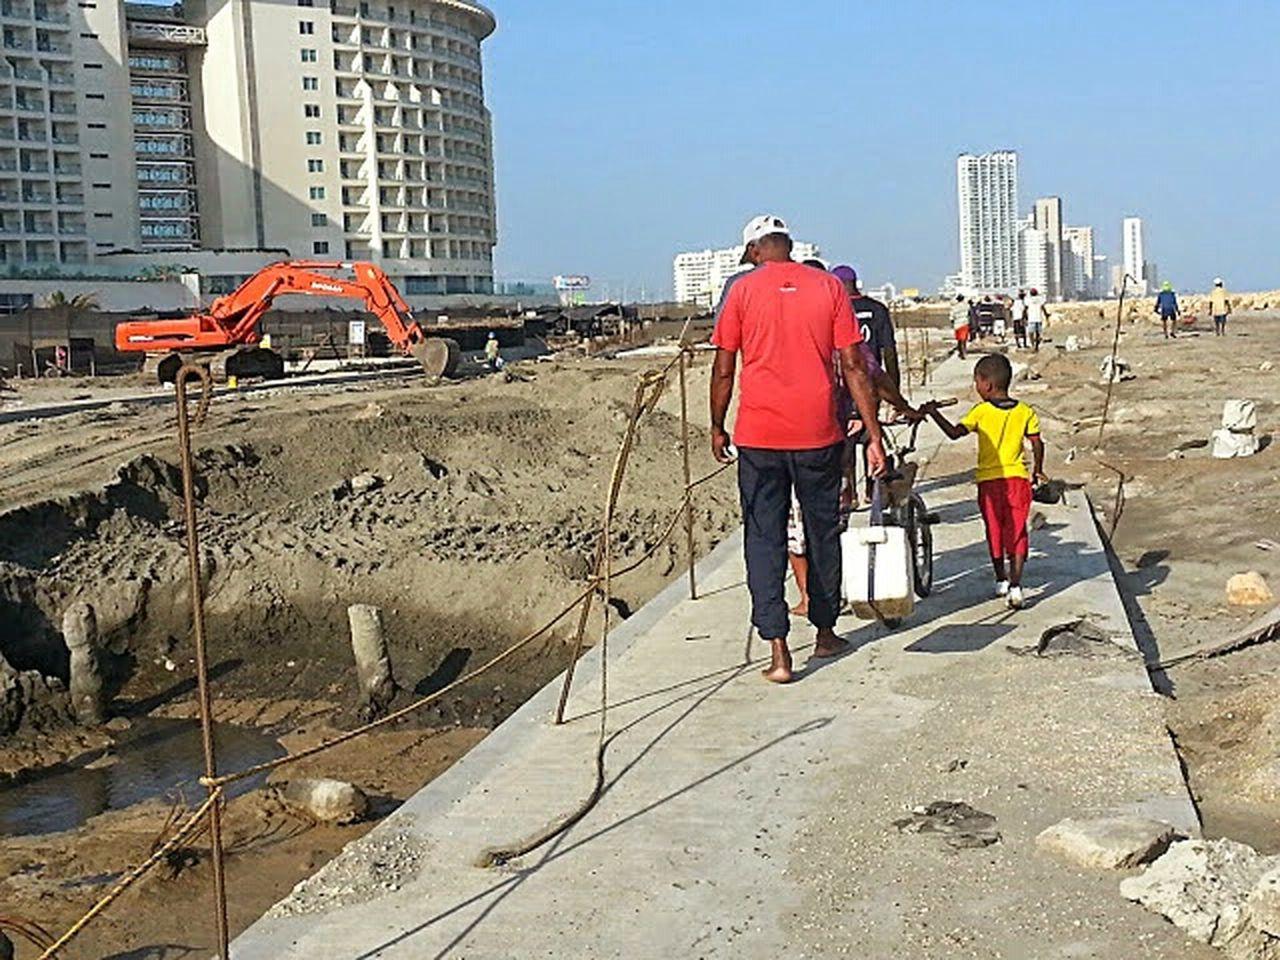 Hotel Corales De Indias Túnel En Construcción Ayer - Hoy Under Construction... Tunel De Crespo Construction Tunnel View